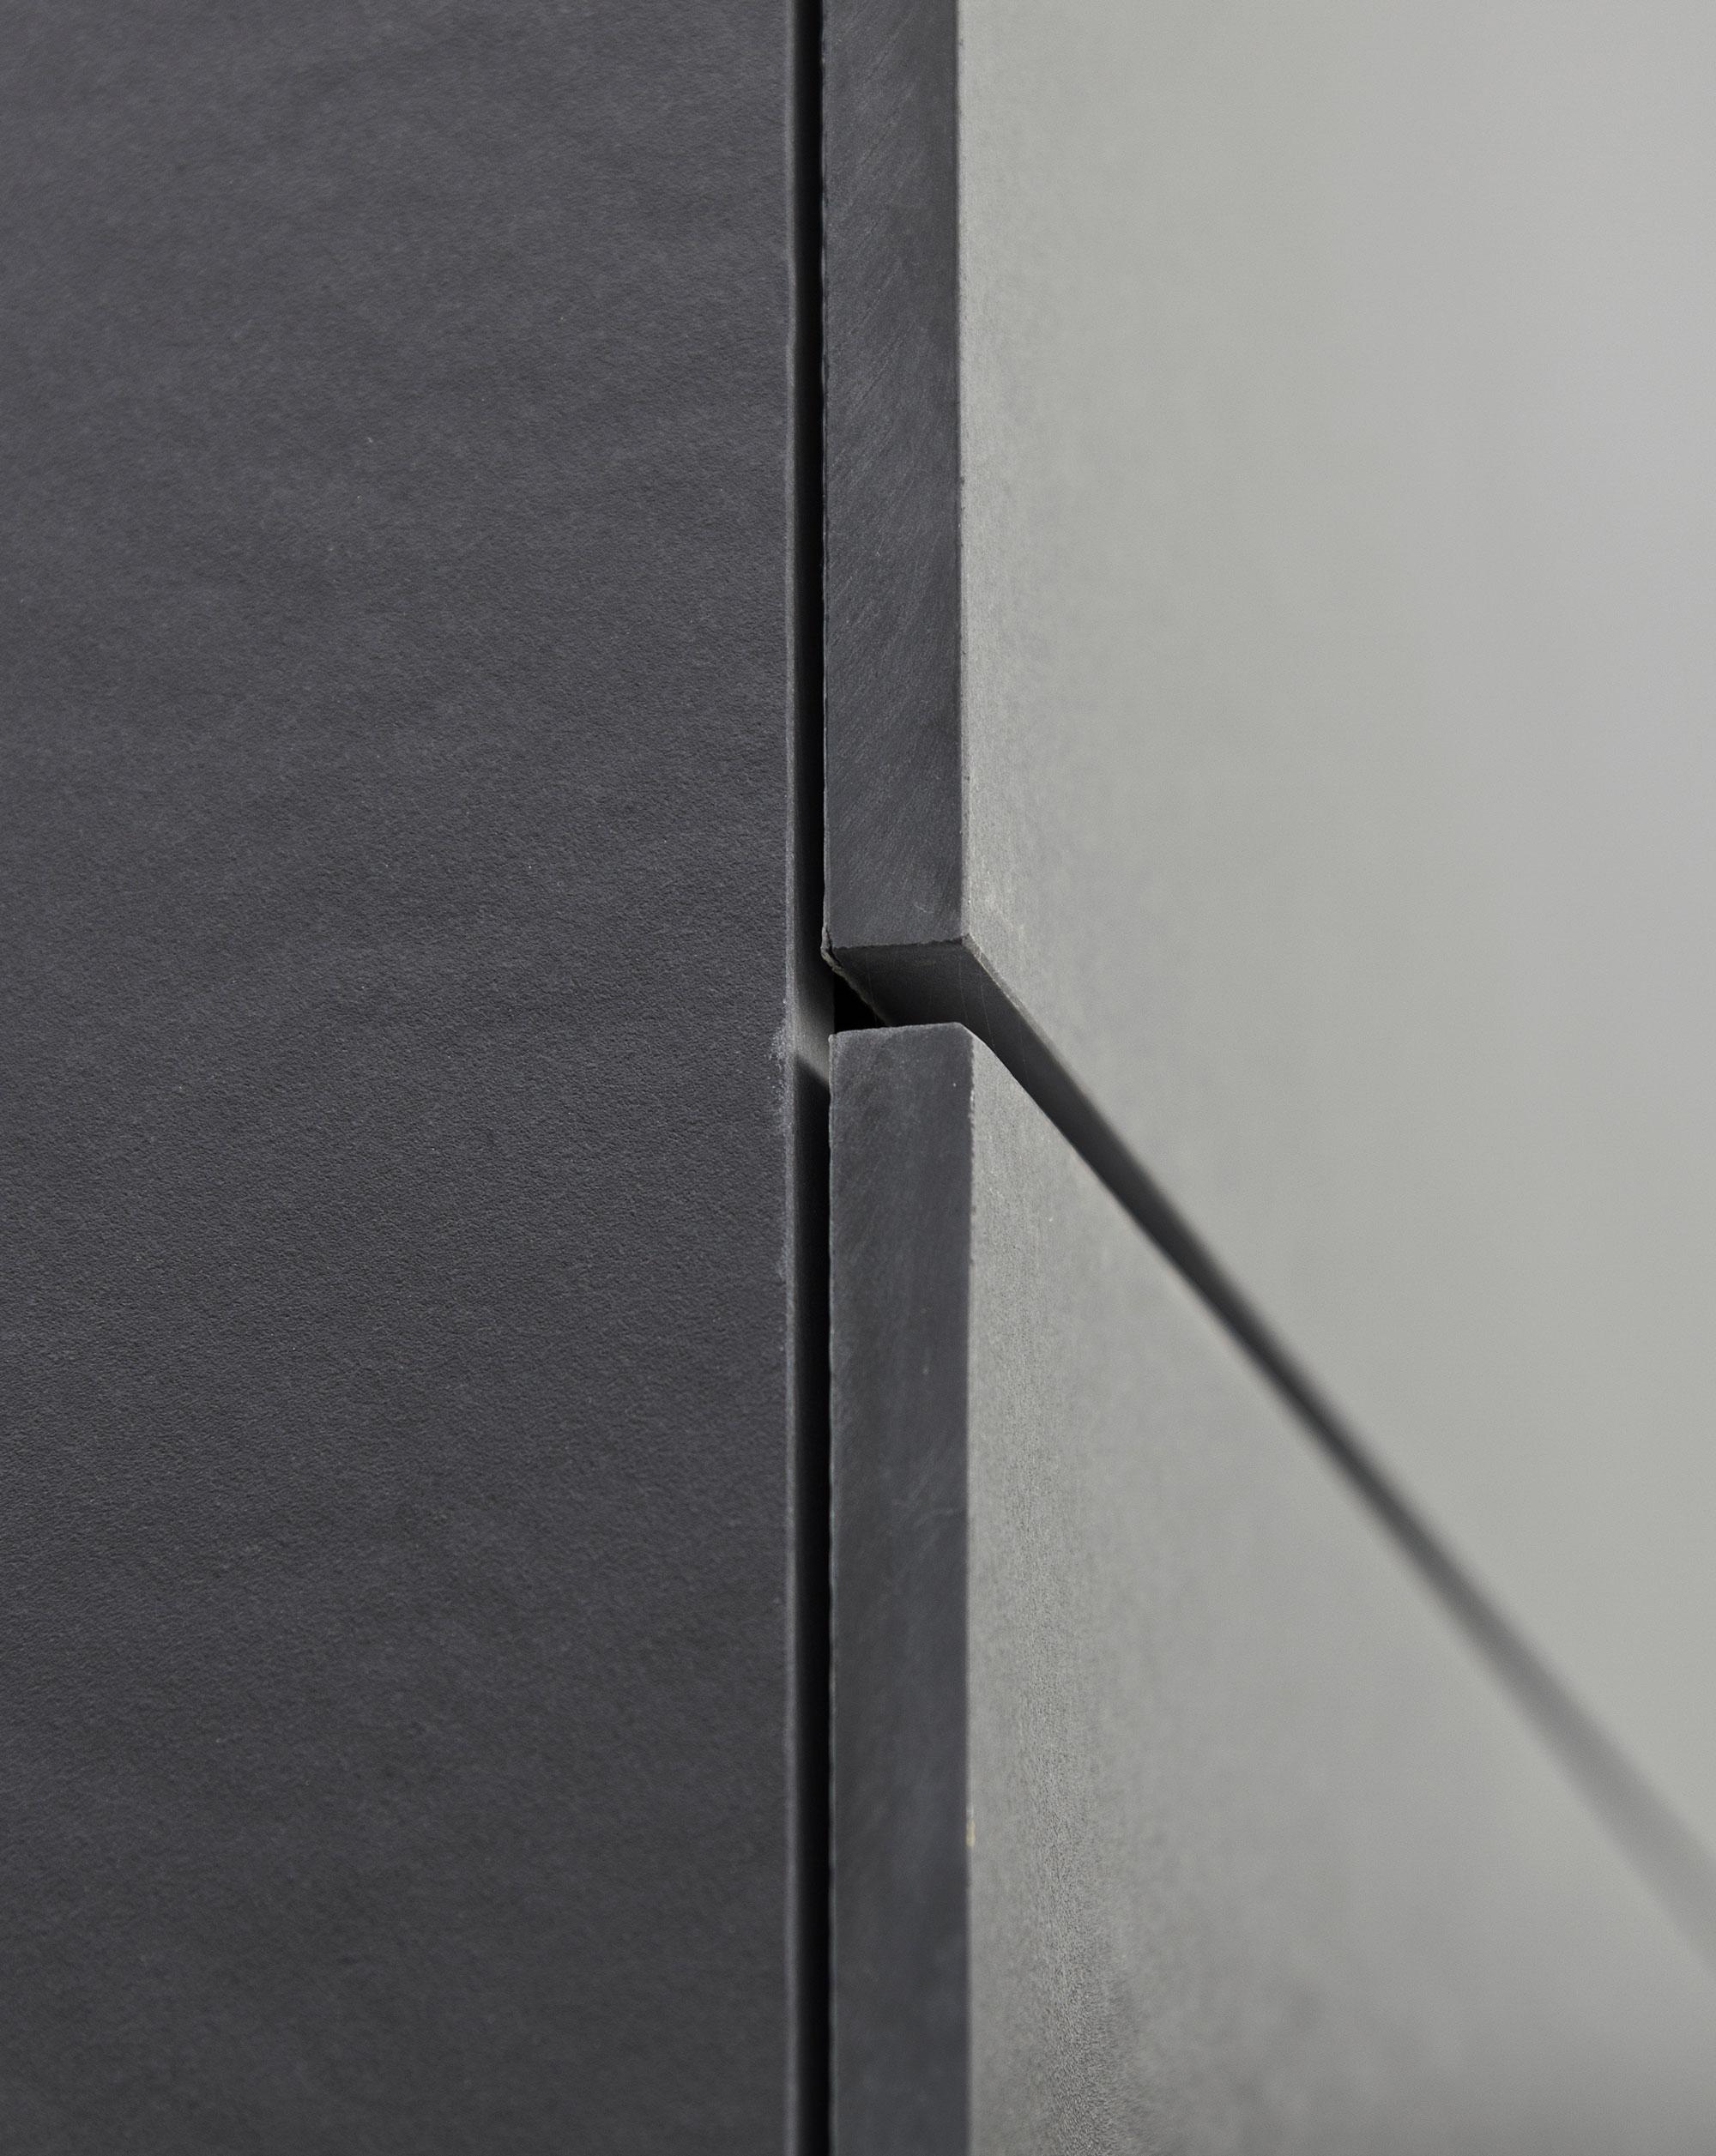 Arteixo Residential  - Arteixo Dekton facade 3 61